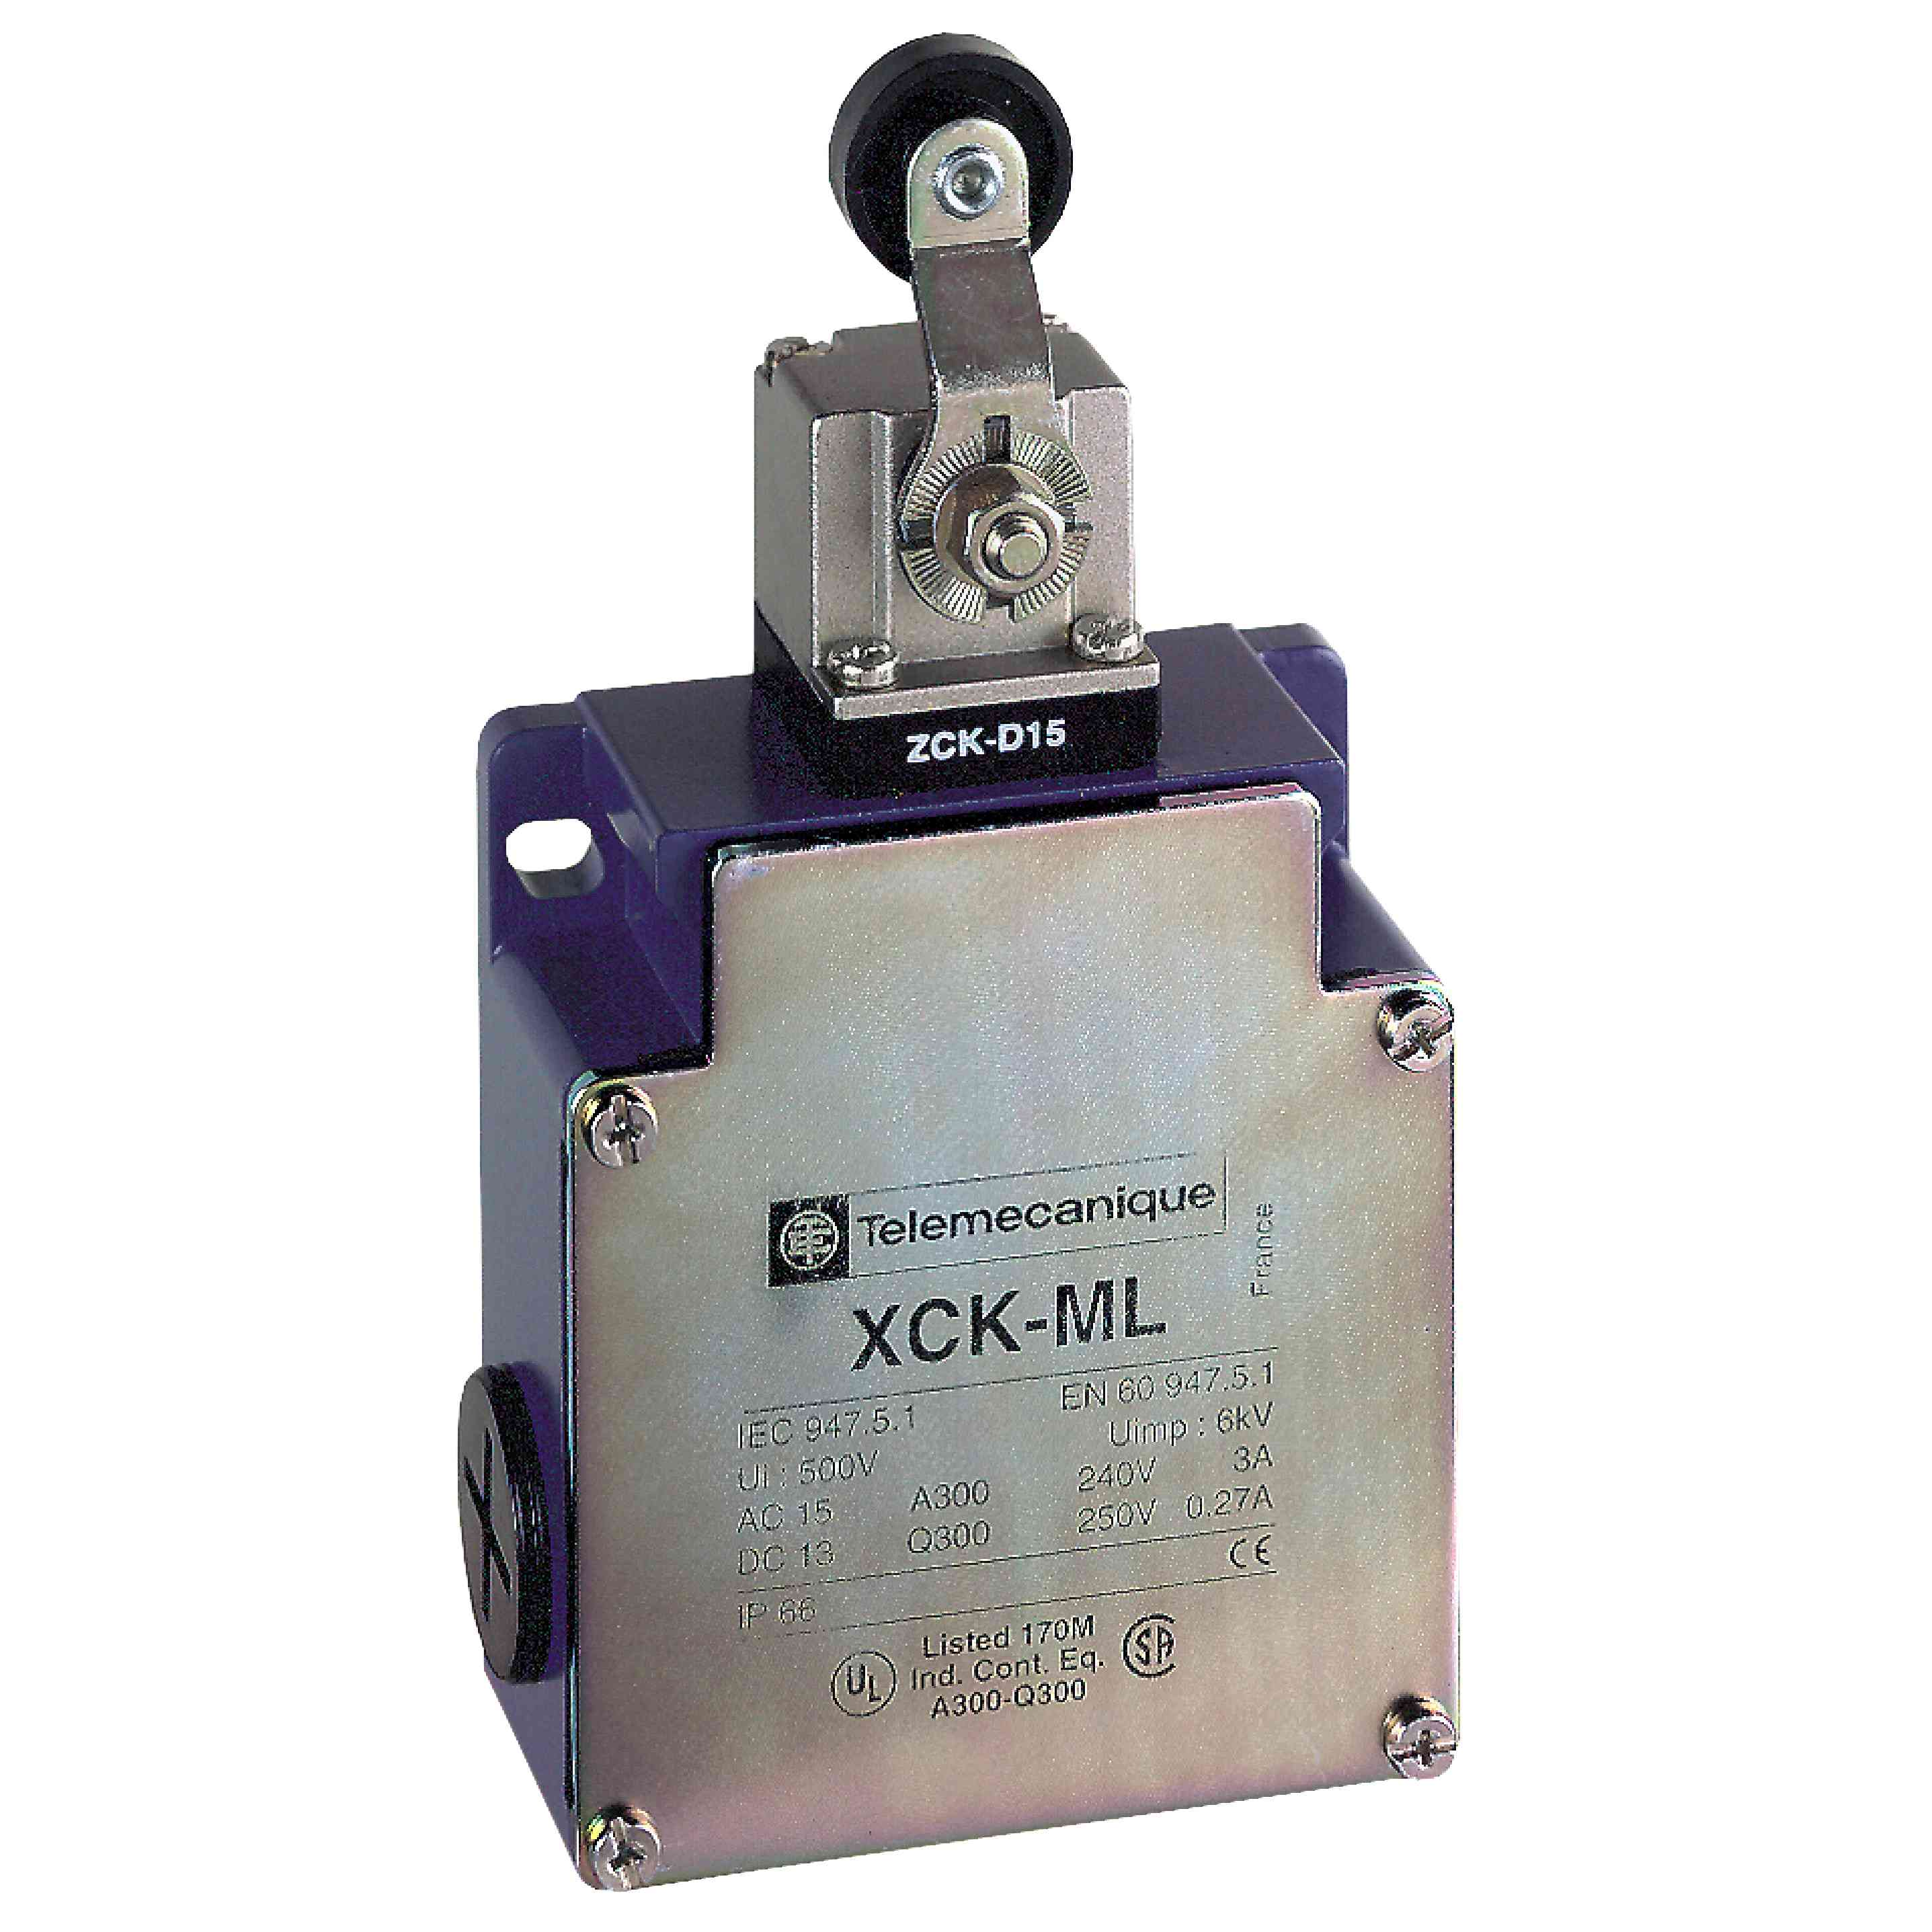 Omej. stik. XCKML - termoplastični vzvod valja - 2x(1NC+1NO) - proženje - Pg 13